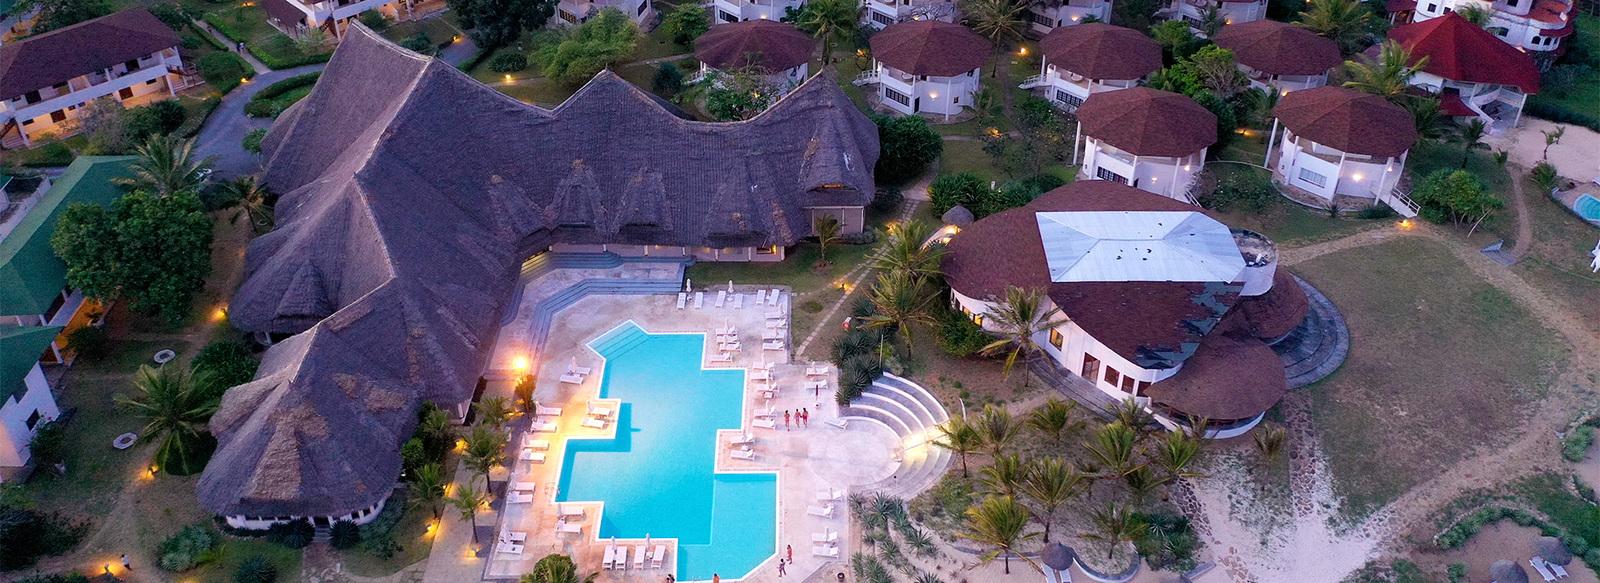 8 notti sul mare di Watamu con Kitesurfing spot nel Resort